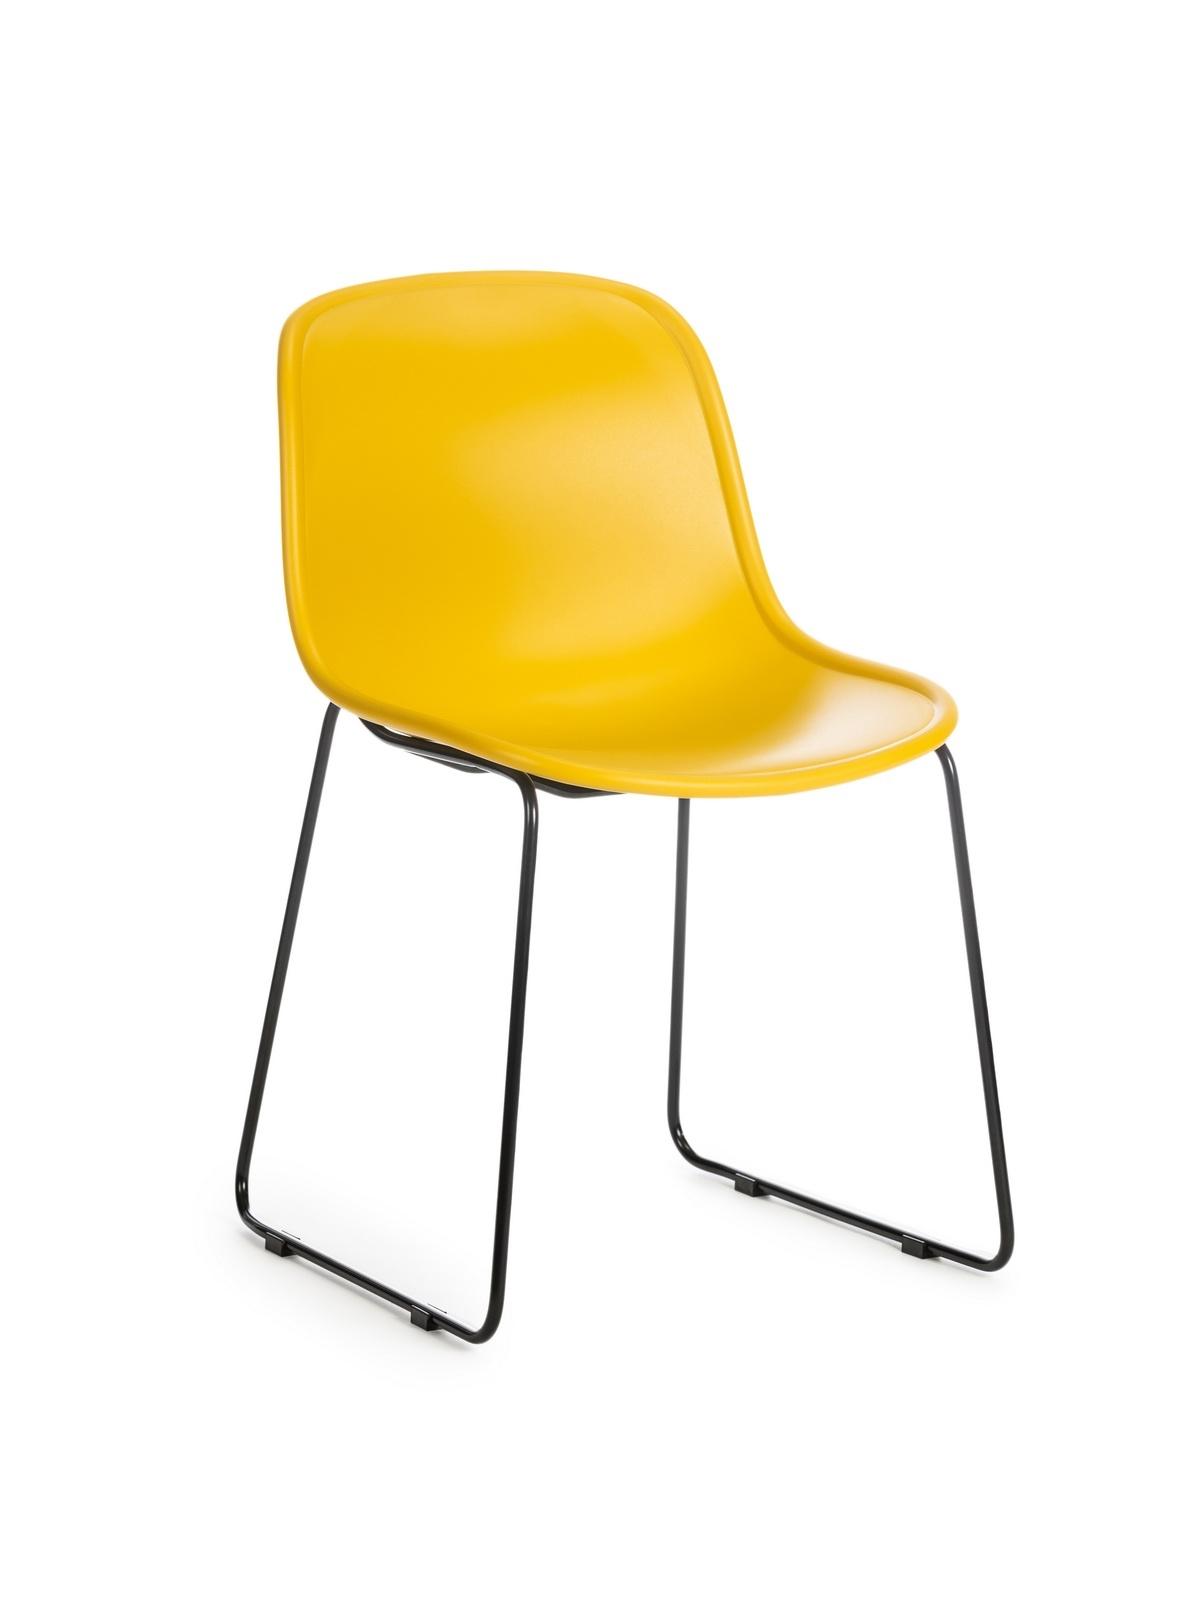 Scaun din plastic, cu picioare metalice Cosmo Yellow, l57xA54xH78cm poza